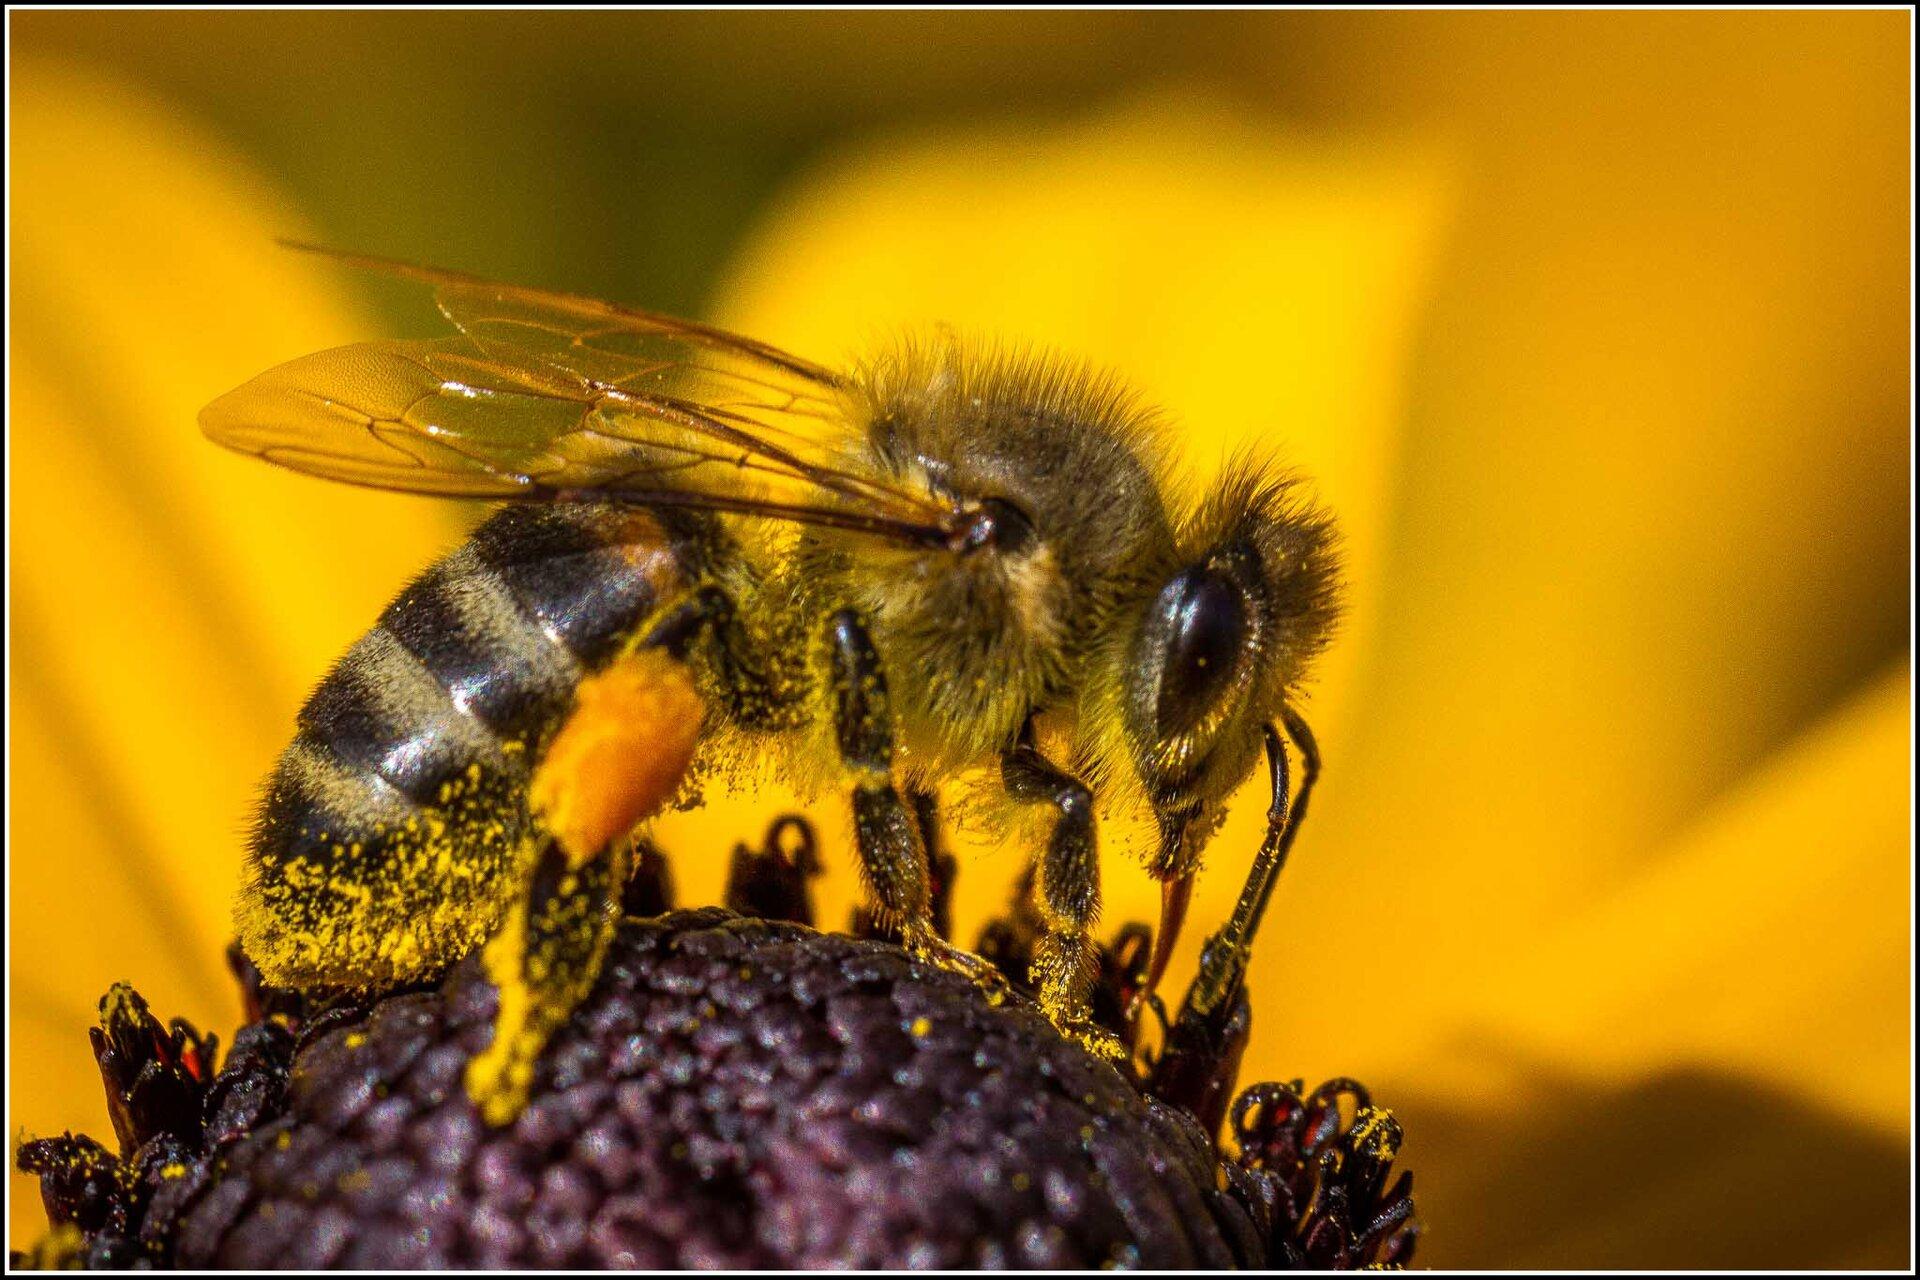 Fotografia prezentuje pszczołę miodną zbierającą nektar zżółtego kwiatu, na którymi siedzi. Na trzeciej parze nóg pszczoły widoczne, żółte koszyczki zgromadzonego pyłku oraz na odwłoku..